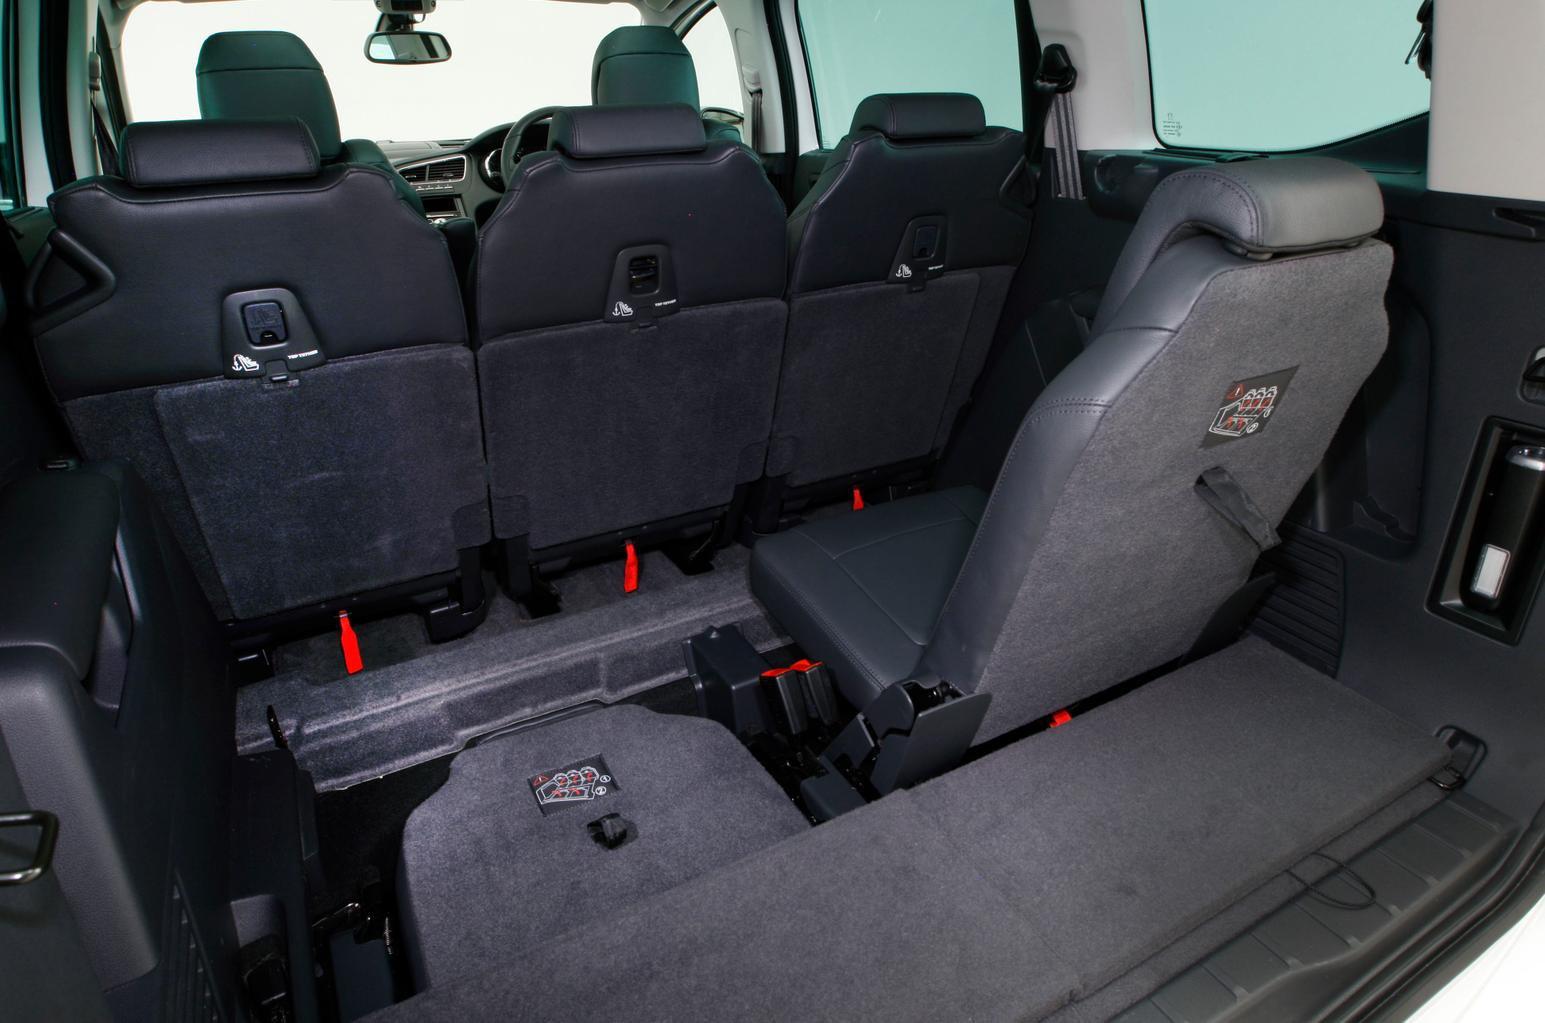 Peugeot 5008 MPV (09 - 16)